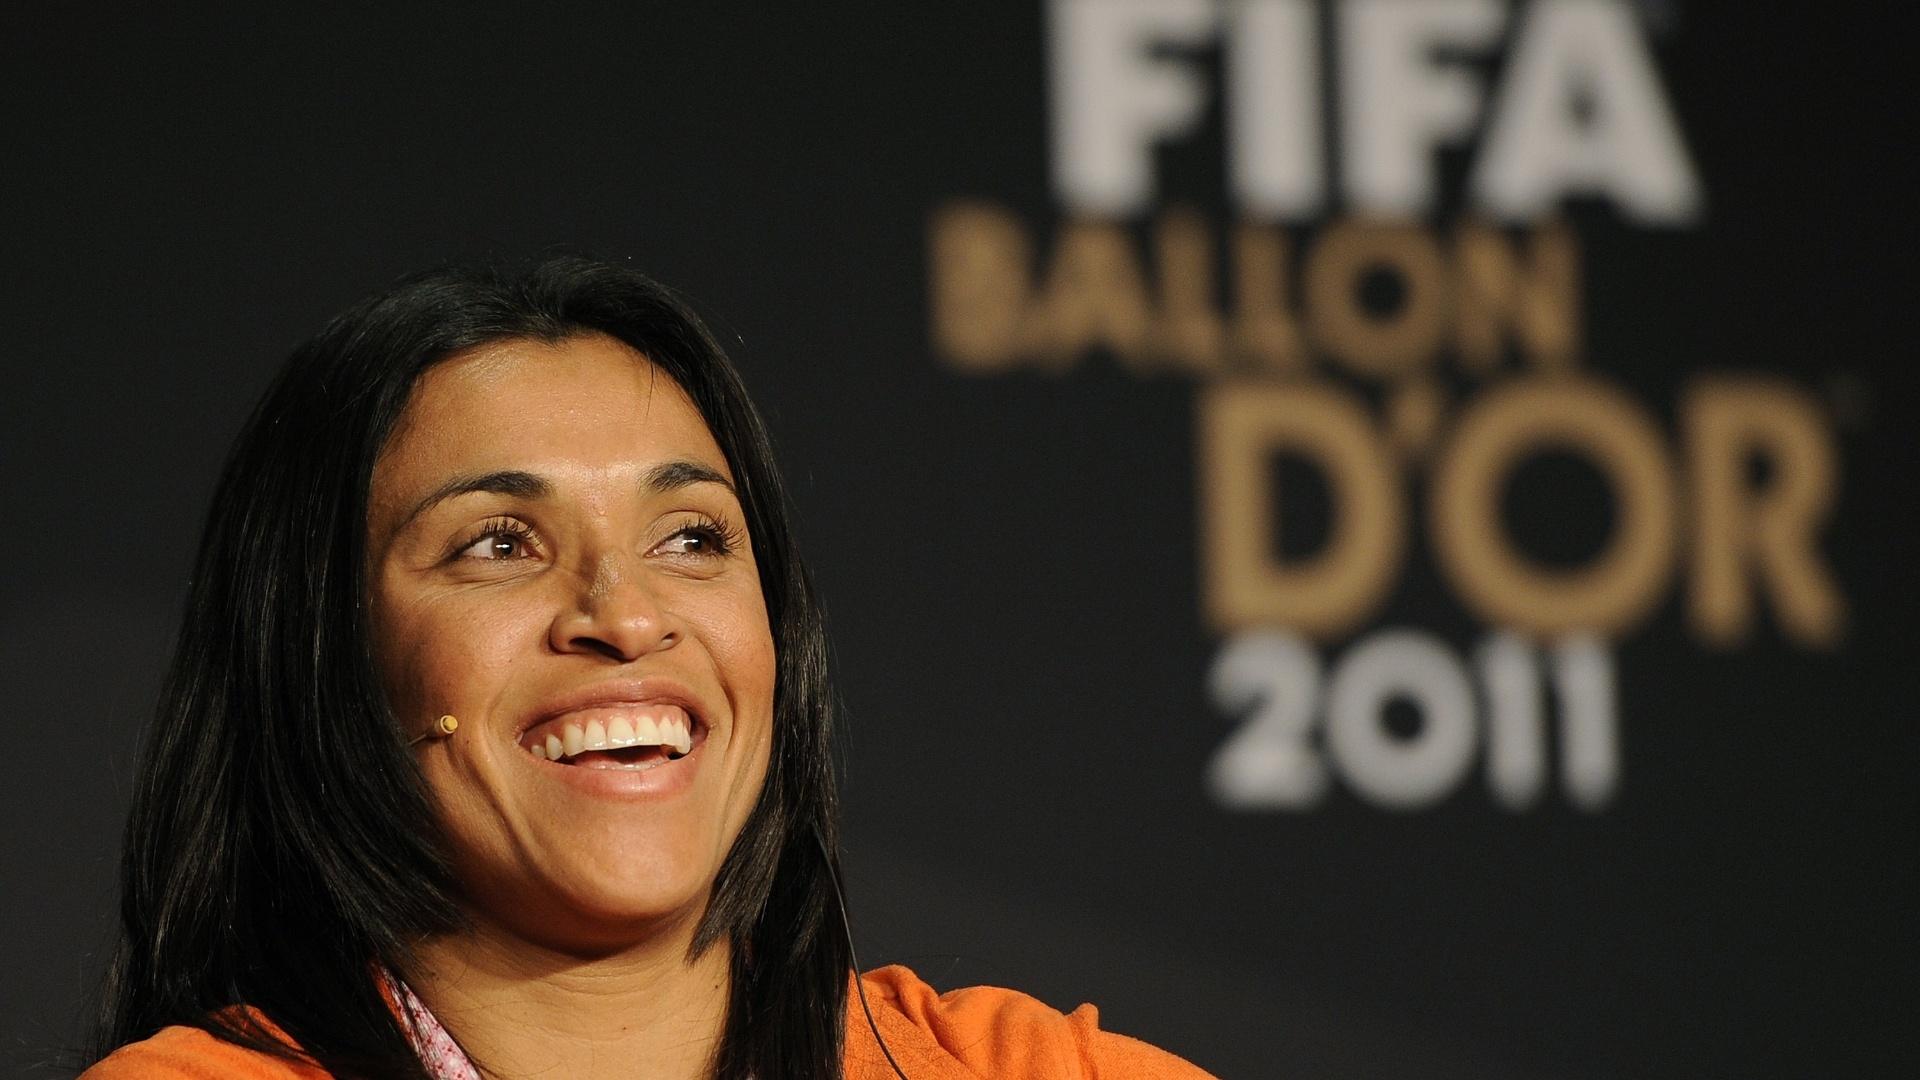 Marta concede entrevista antes da premiação do Bola de Ouro da Fifa. A brasileira foi superada por Homare Sawa na eleição de melhor do mundo